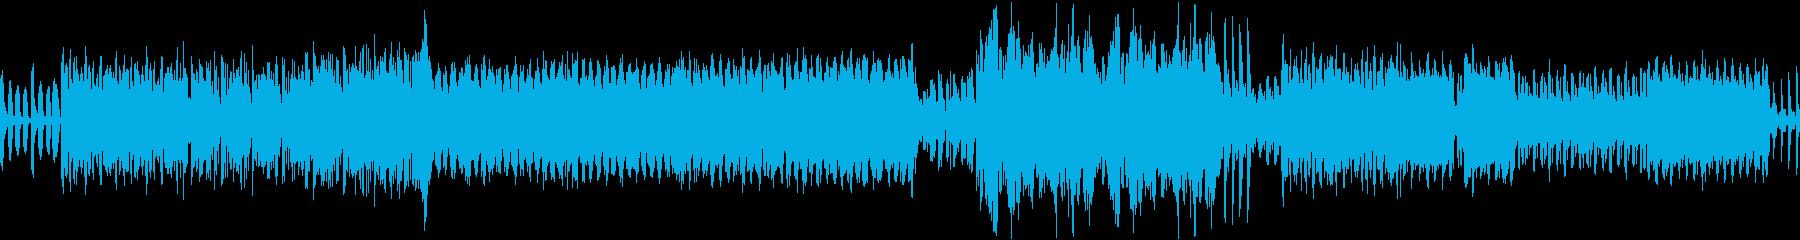 突入用のドキドキ・ハラハラ・一気のロックの再生済みの波形